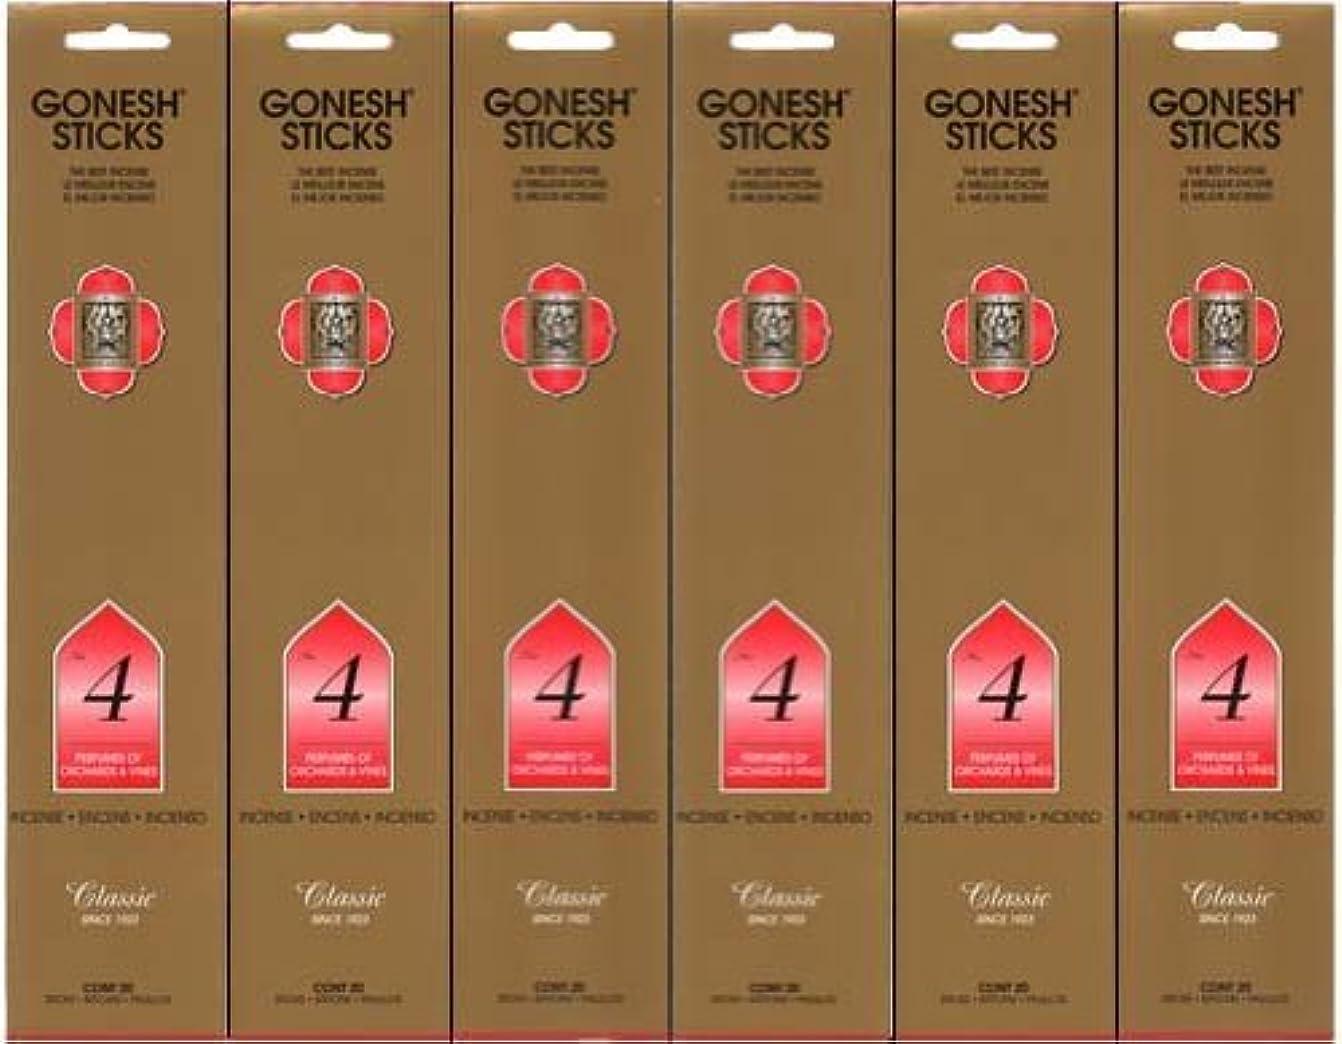 花弁ファイナンススチュアート島GONESH インセンス No.4 スティック 20本入り X 6パック (120本)